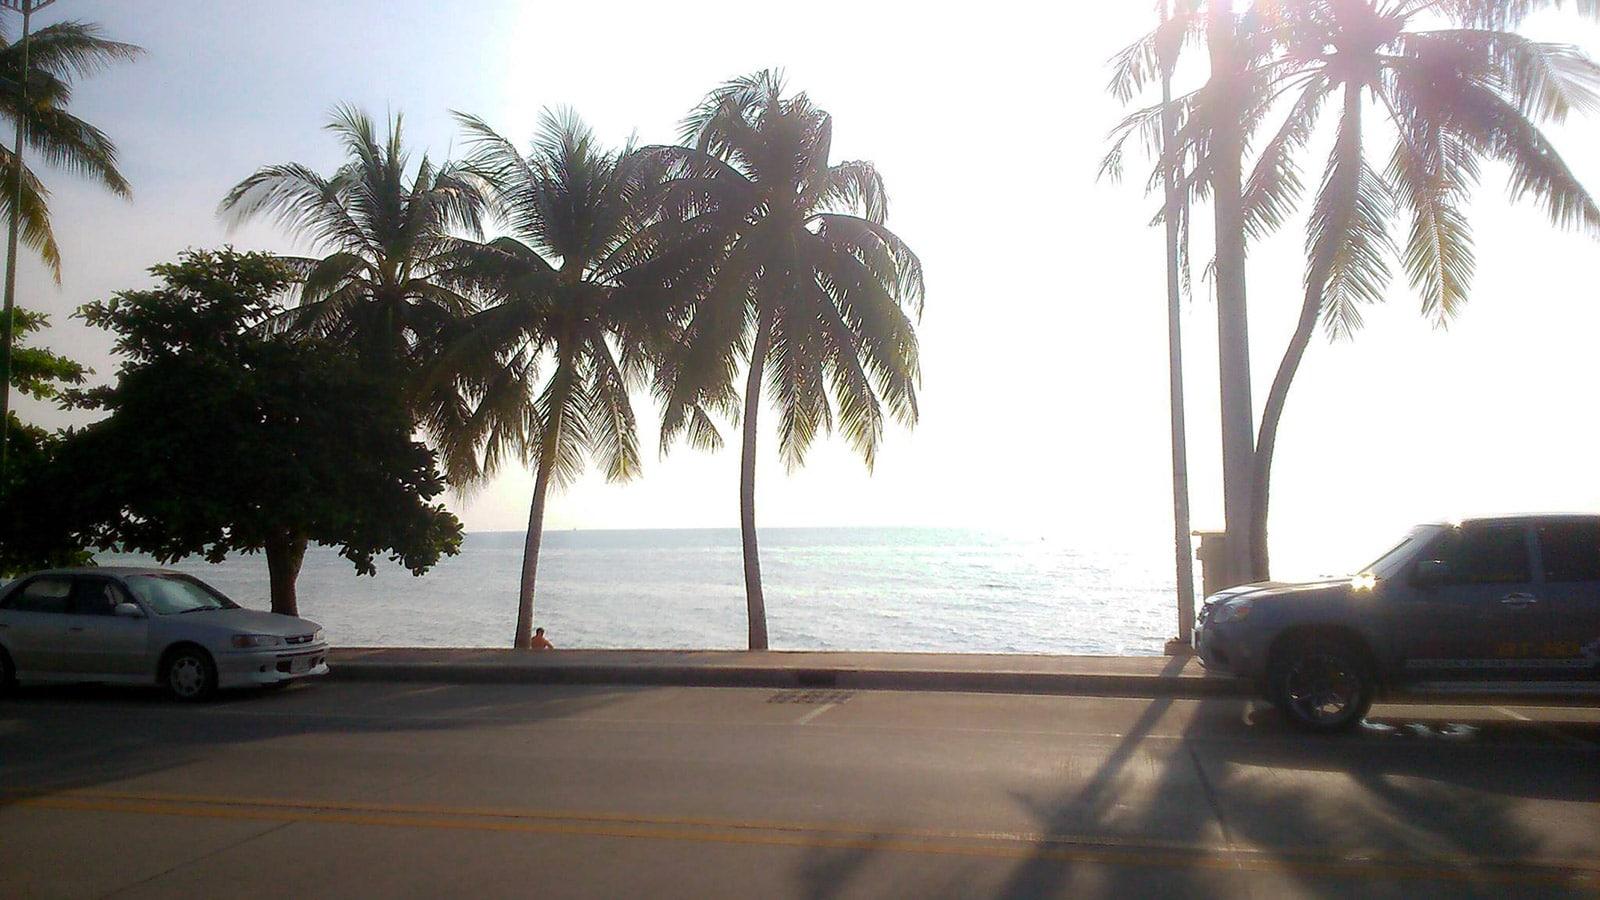 Tous les jours, vers midi, repas avec vue sur la mer. (Jomtien Beach, Thaïlande)